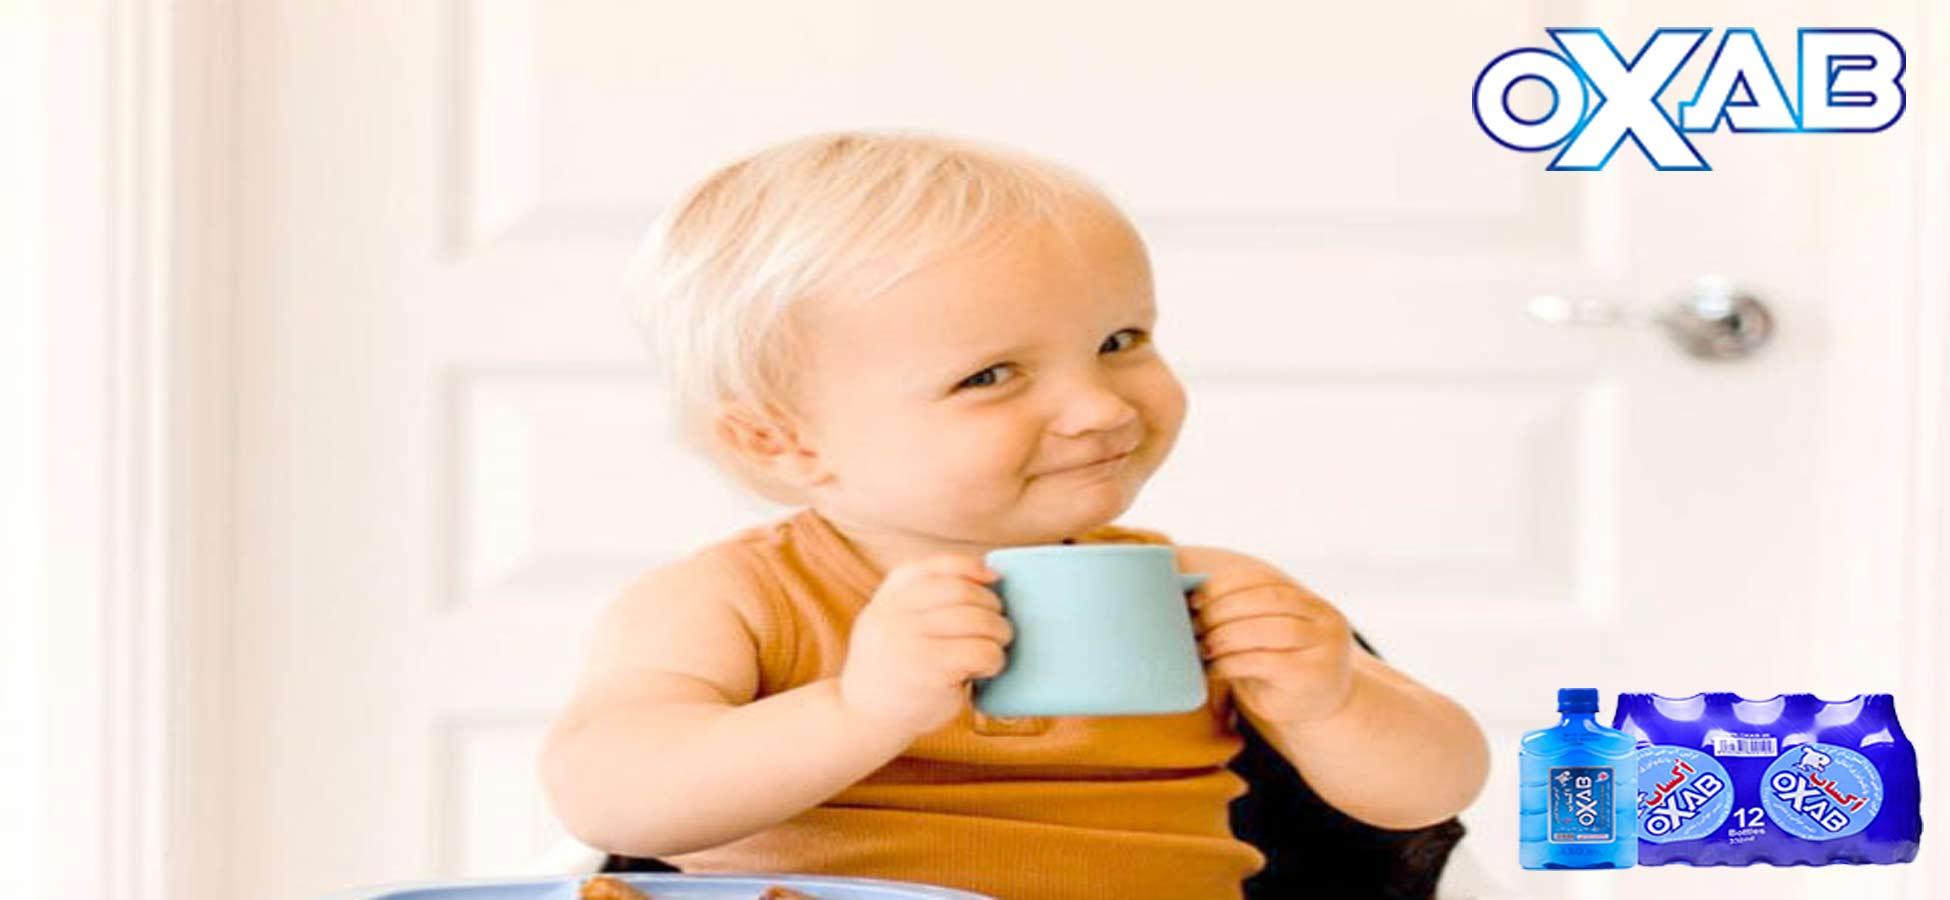 آیا نوزادان میتوانند از آب معدنی استفاده کنند؟